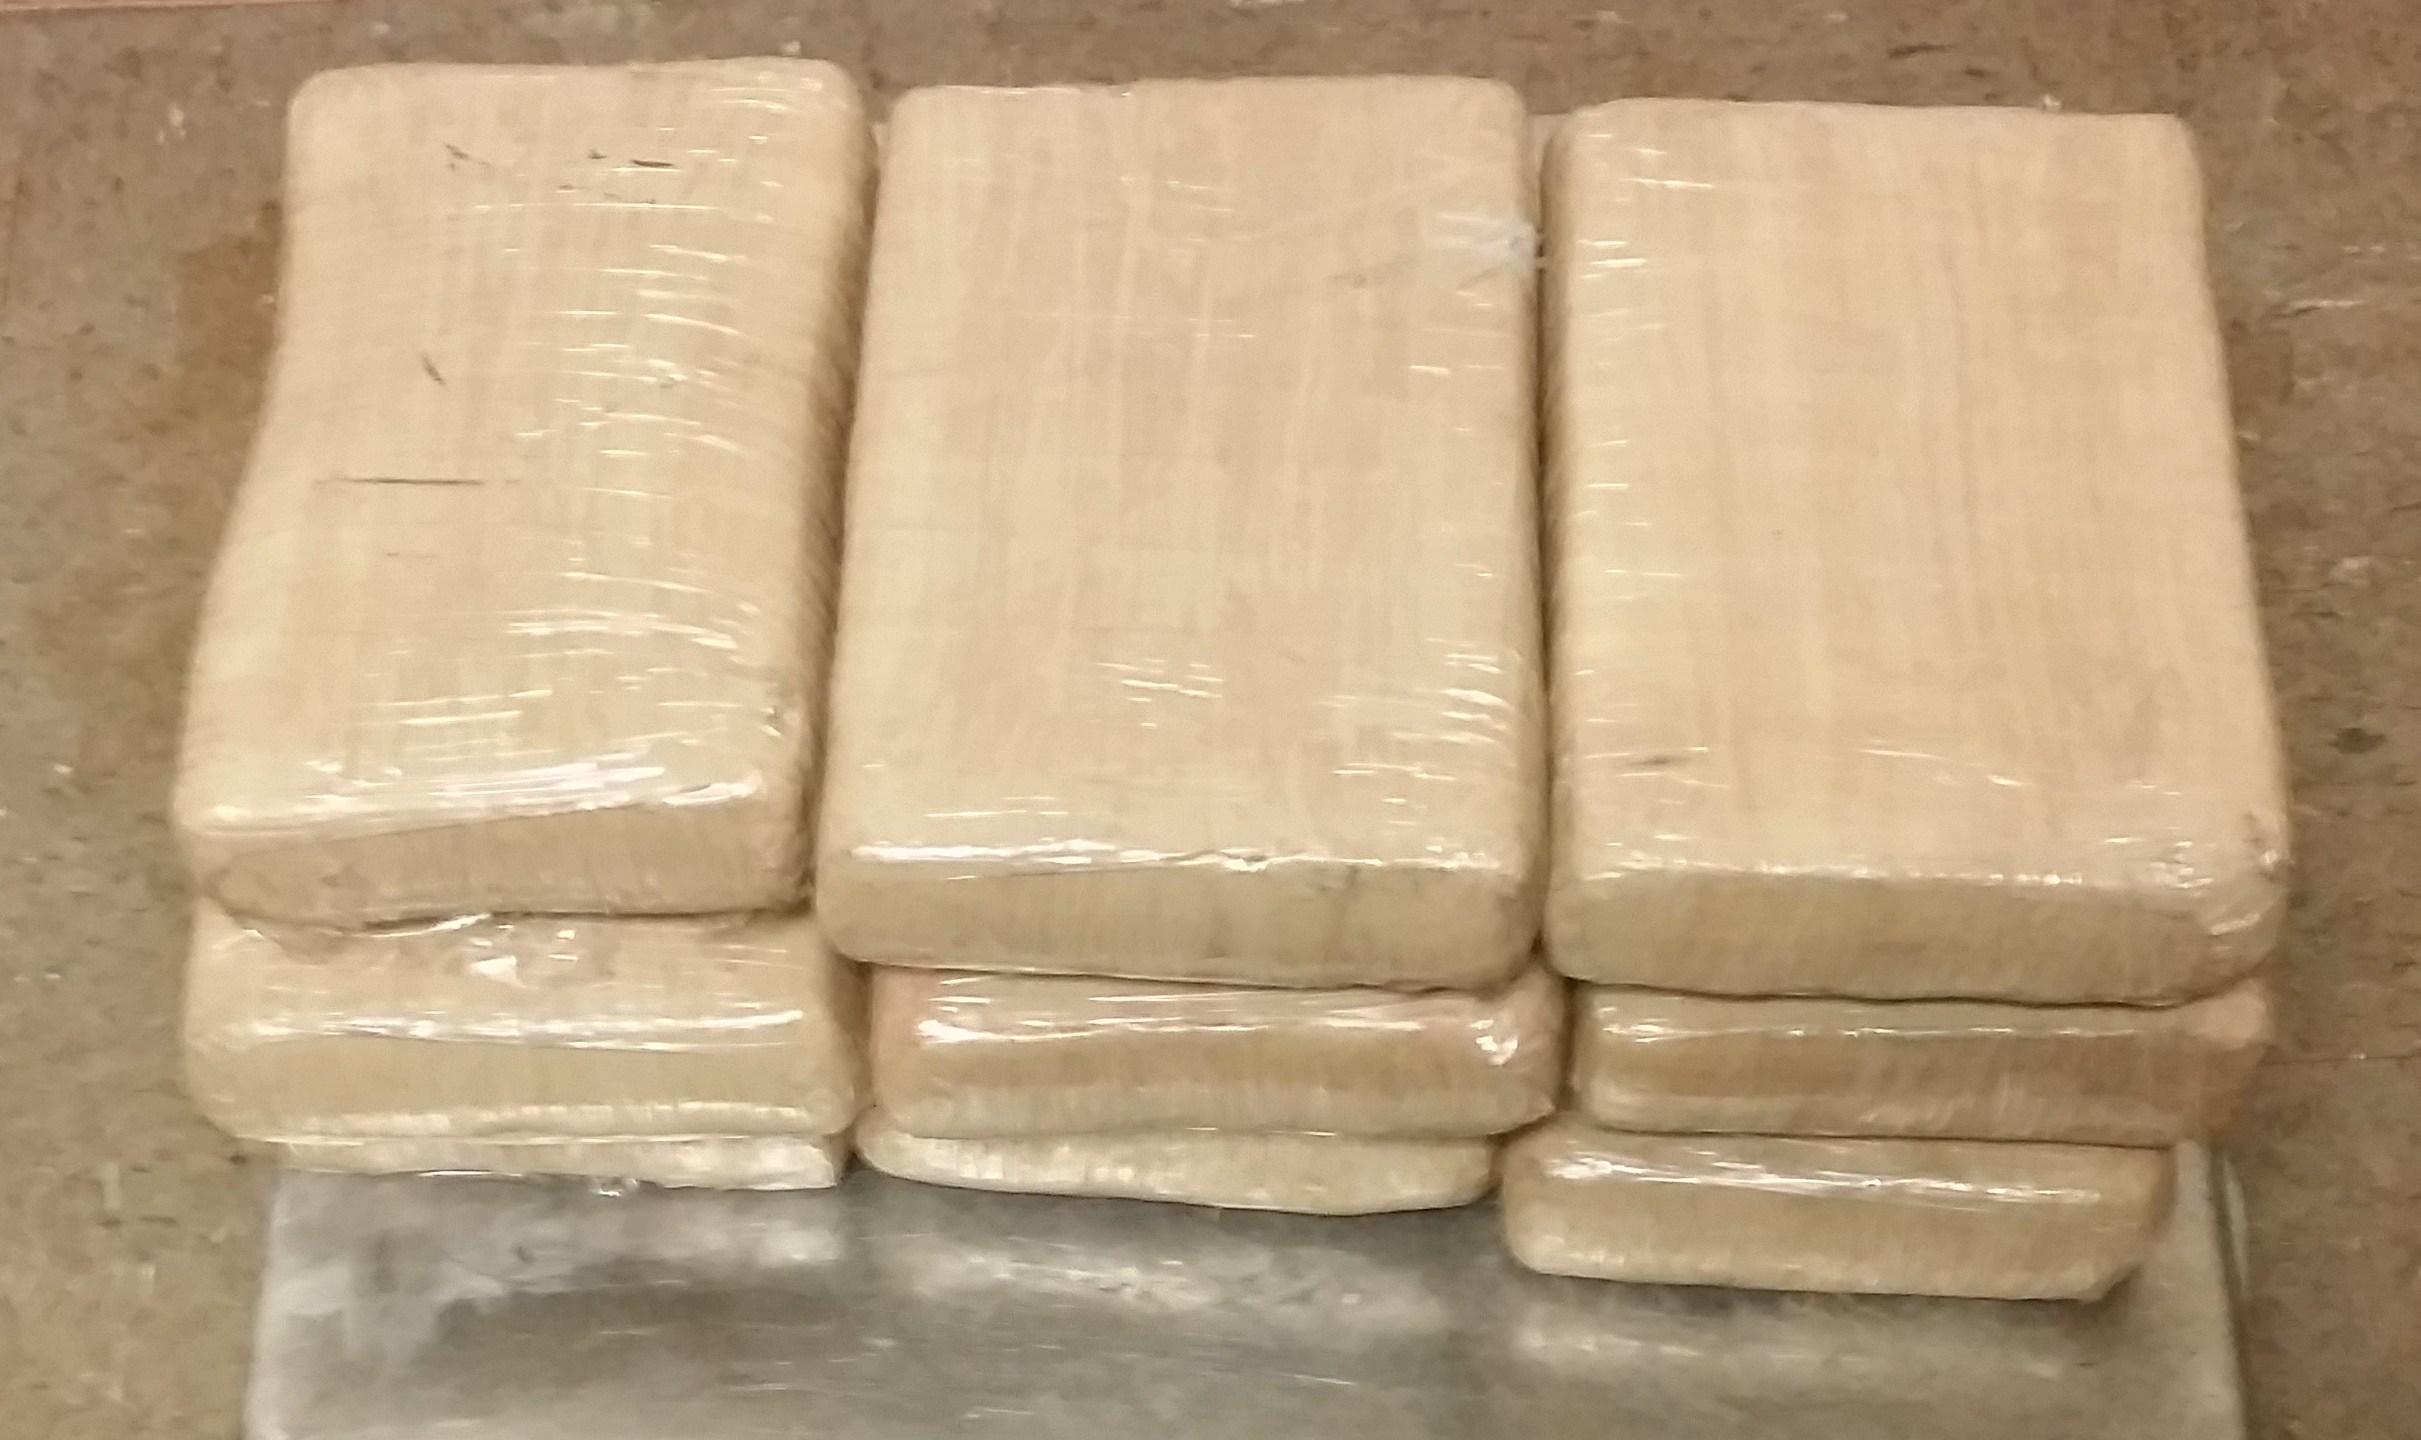 20170301 Gateway Cocaine Seizure, Courtesy of CBP Brownsville_1488482009366.jpg